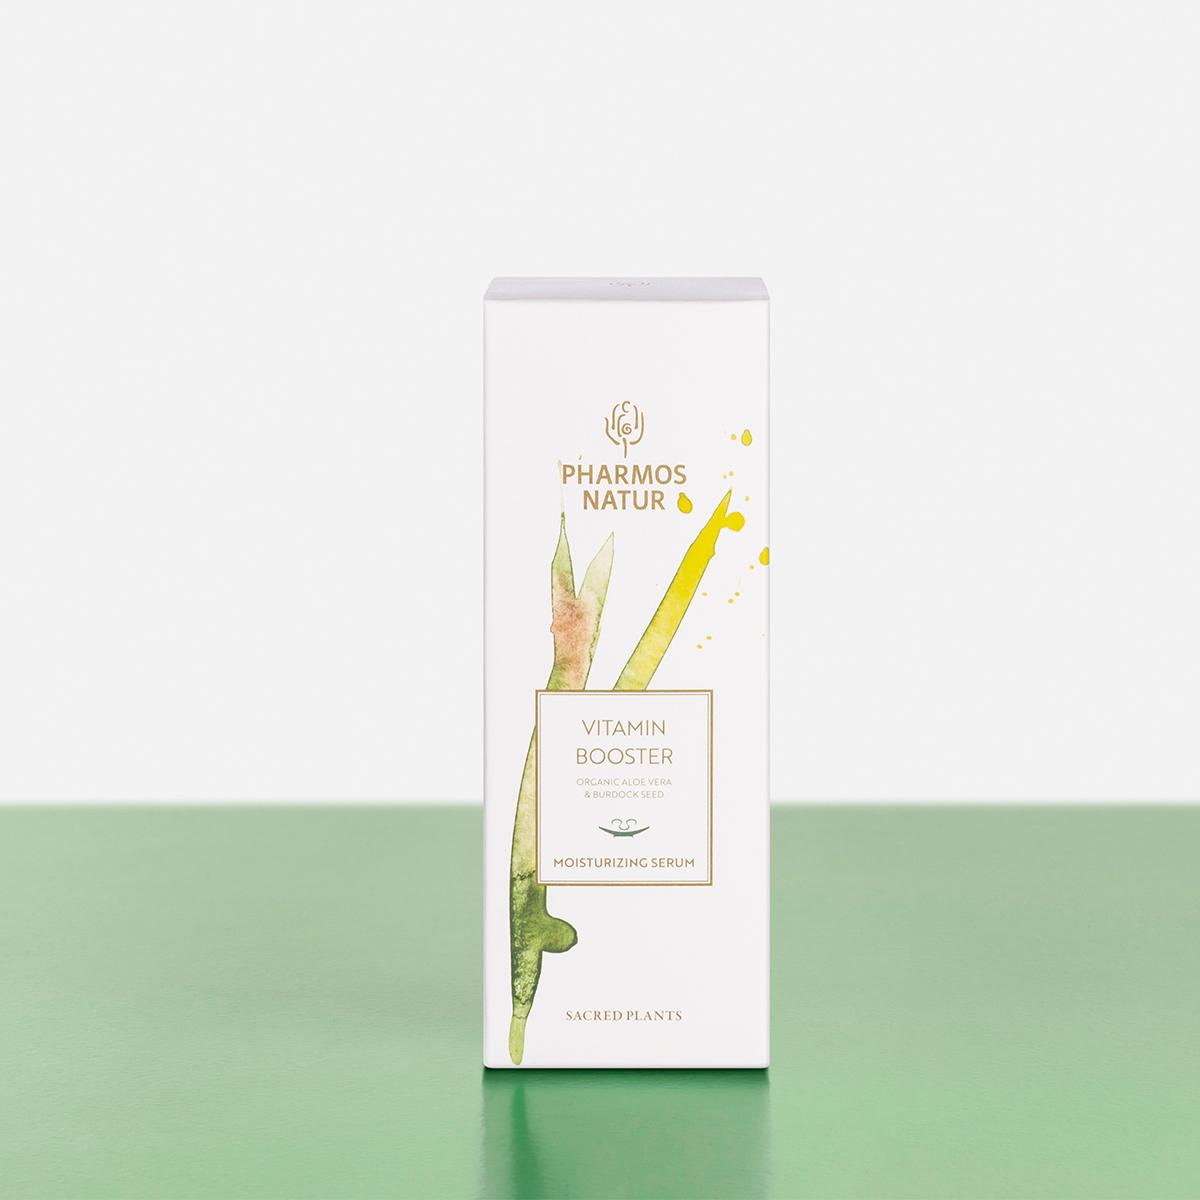 Verpakung Vitamin Booster Produktbild